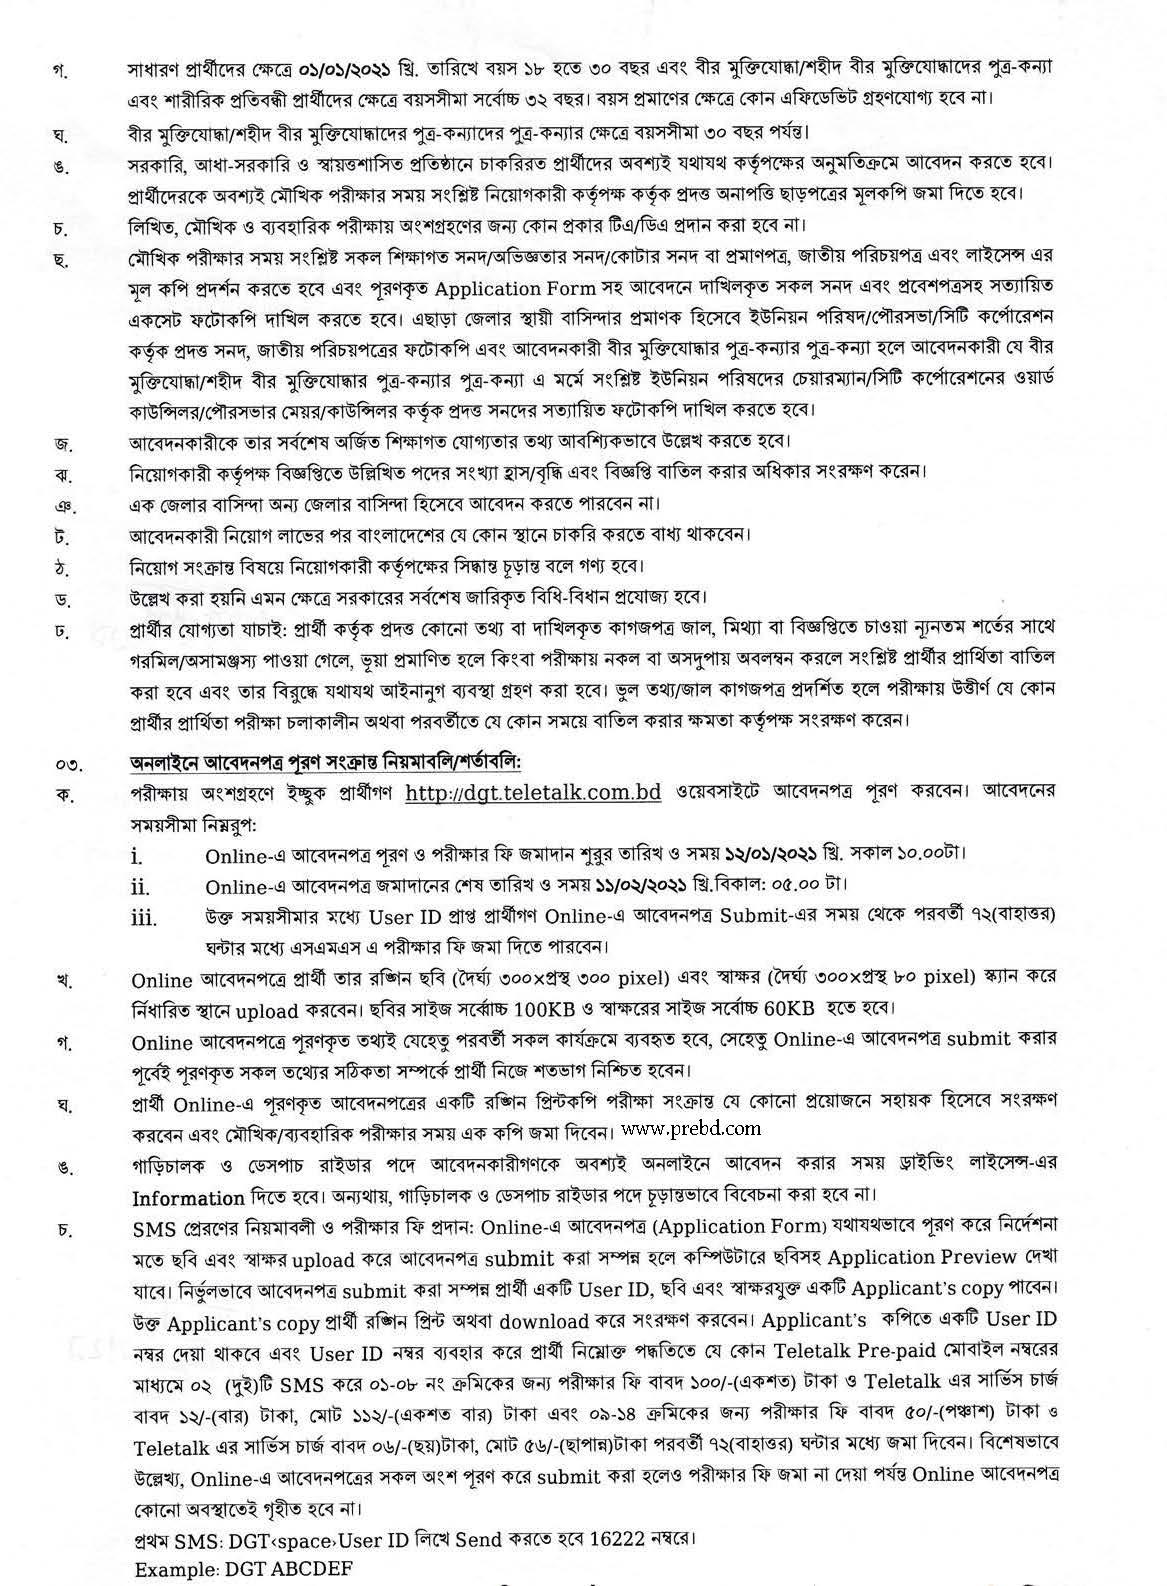 ৭০৯ পদে জনপ্রশাসন মন্ত্রণালয়ের অধীনে সরকারী যানবাহন অধিদপ্তর এ নিয়োগ বিজ্ঞপ্তি ২০২১ | www.dgt.gov.bd Job Circular 2021